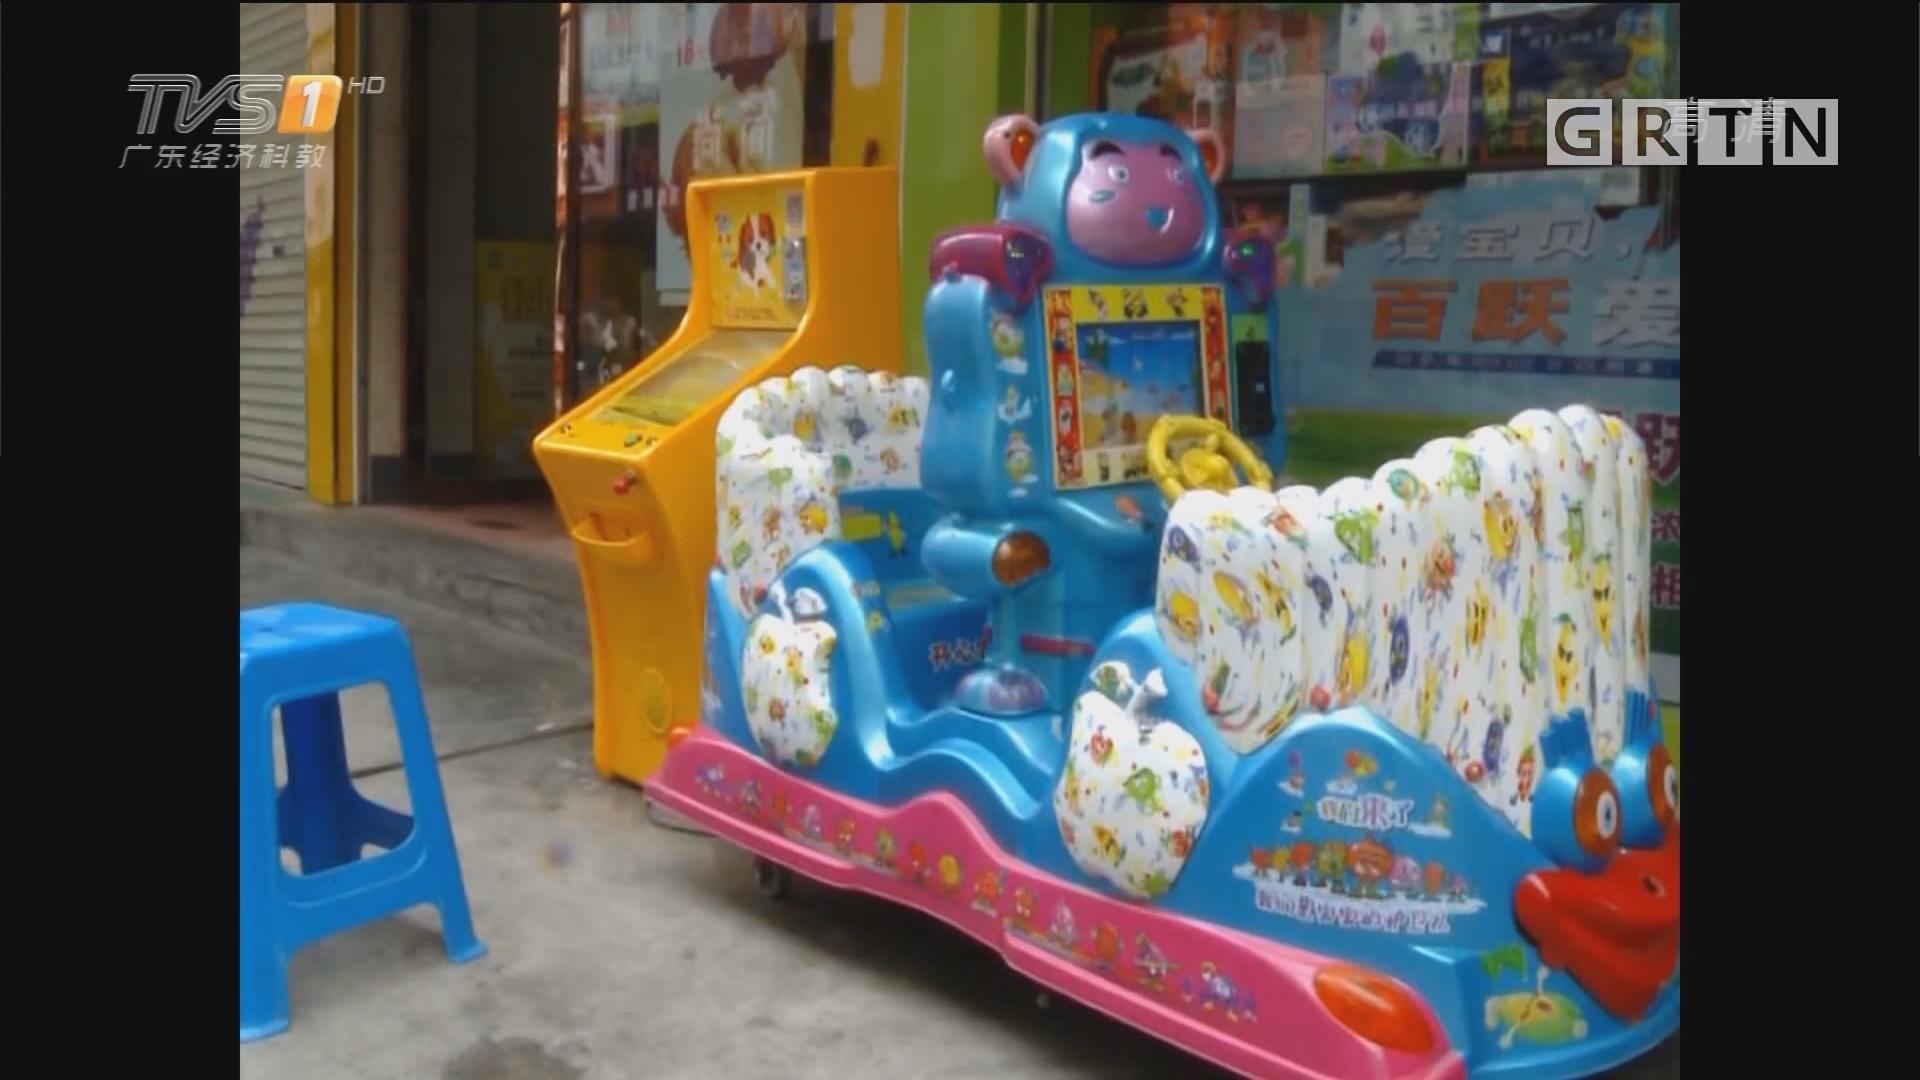 关注儿童安全:男童因摇摇车触电身亡 小心玩具隐患